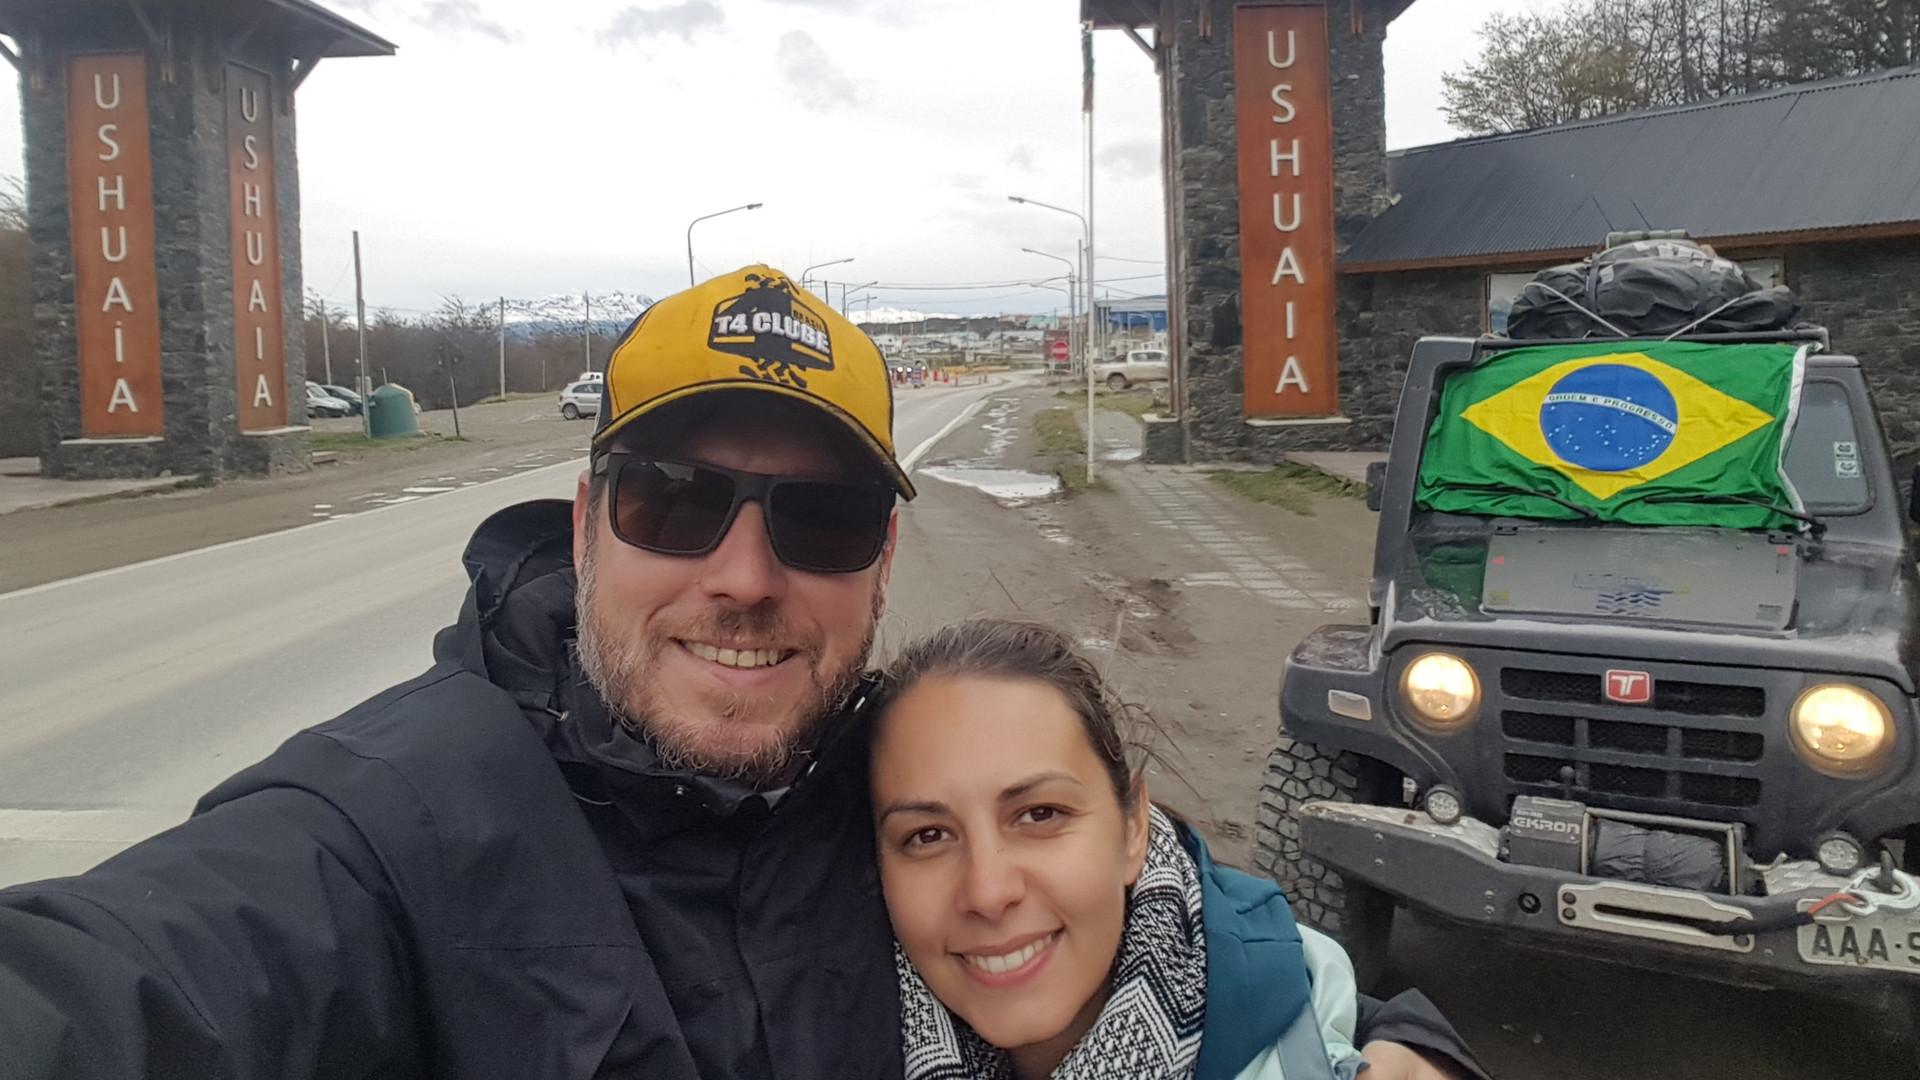 Romo Ushuaia de Troller